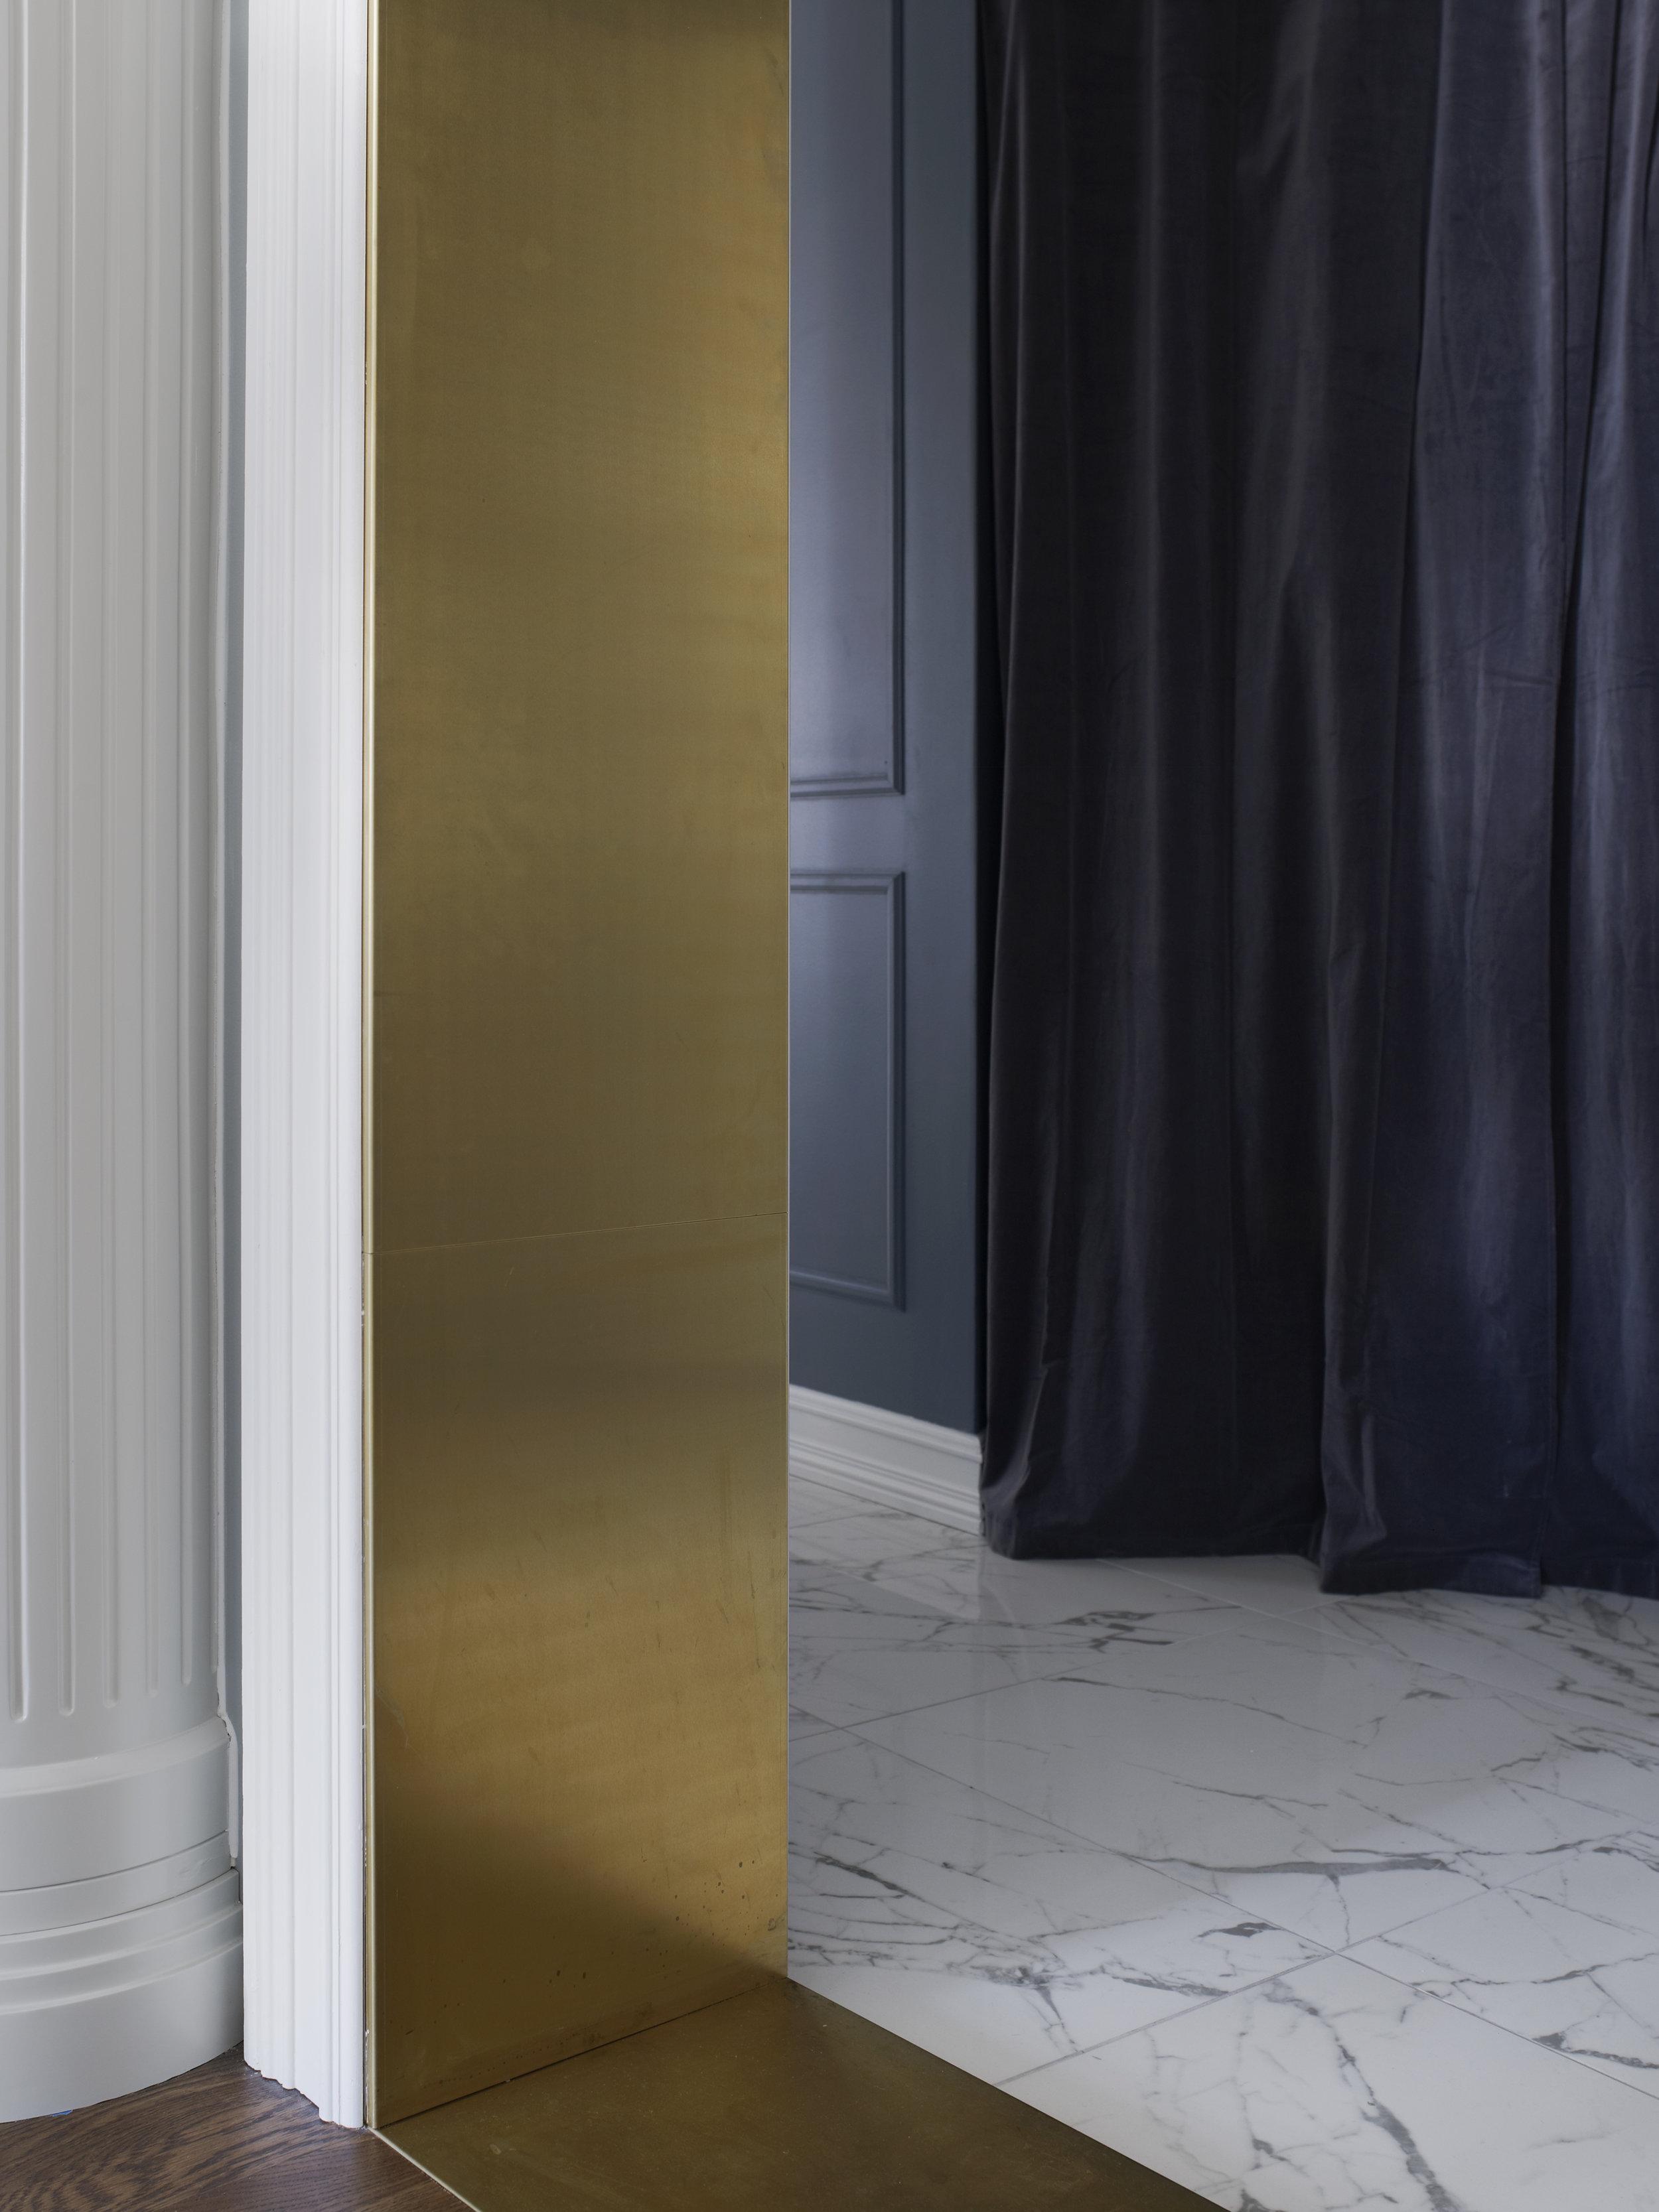 Eldre bygg har ofte skjeve gulv og overganger med høydeforskjell mellom rommene må tilpasses - som denne løsningen med dørramme i messing mellom entré og kjøkken.